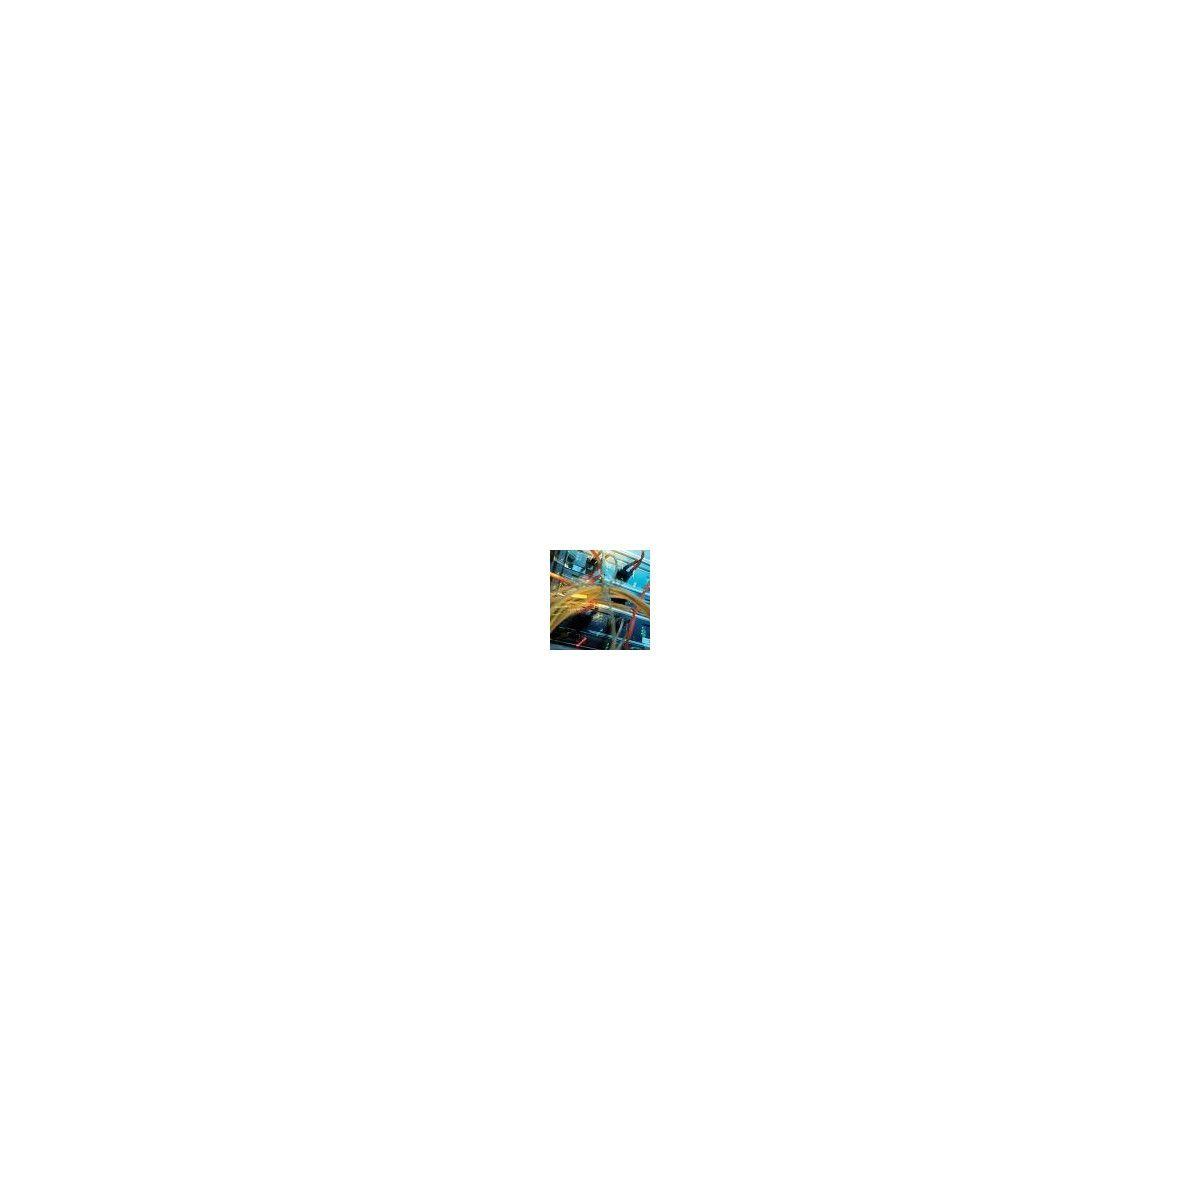 Erfreut Zugehörigkeit Draht Logo Fotos - Der Schaltplan - triangre.info